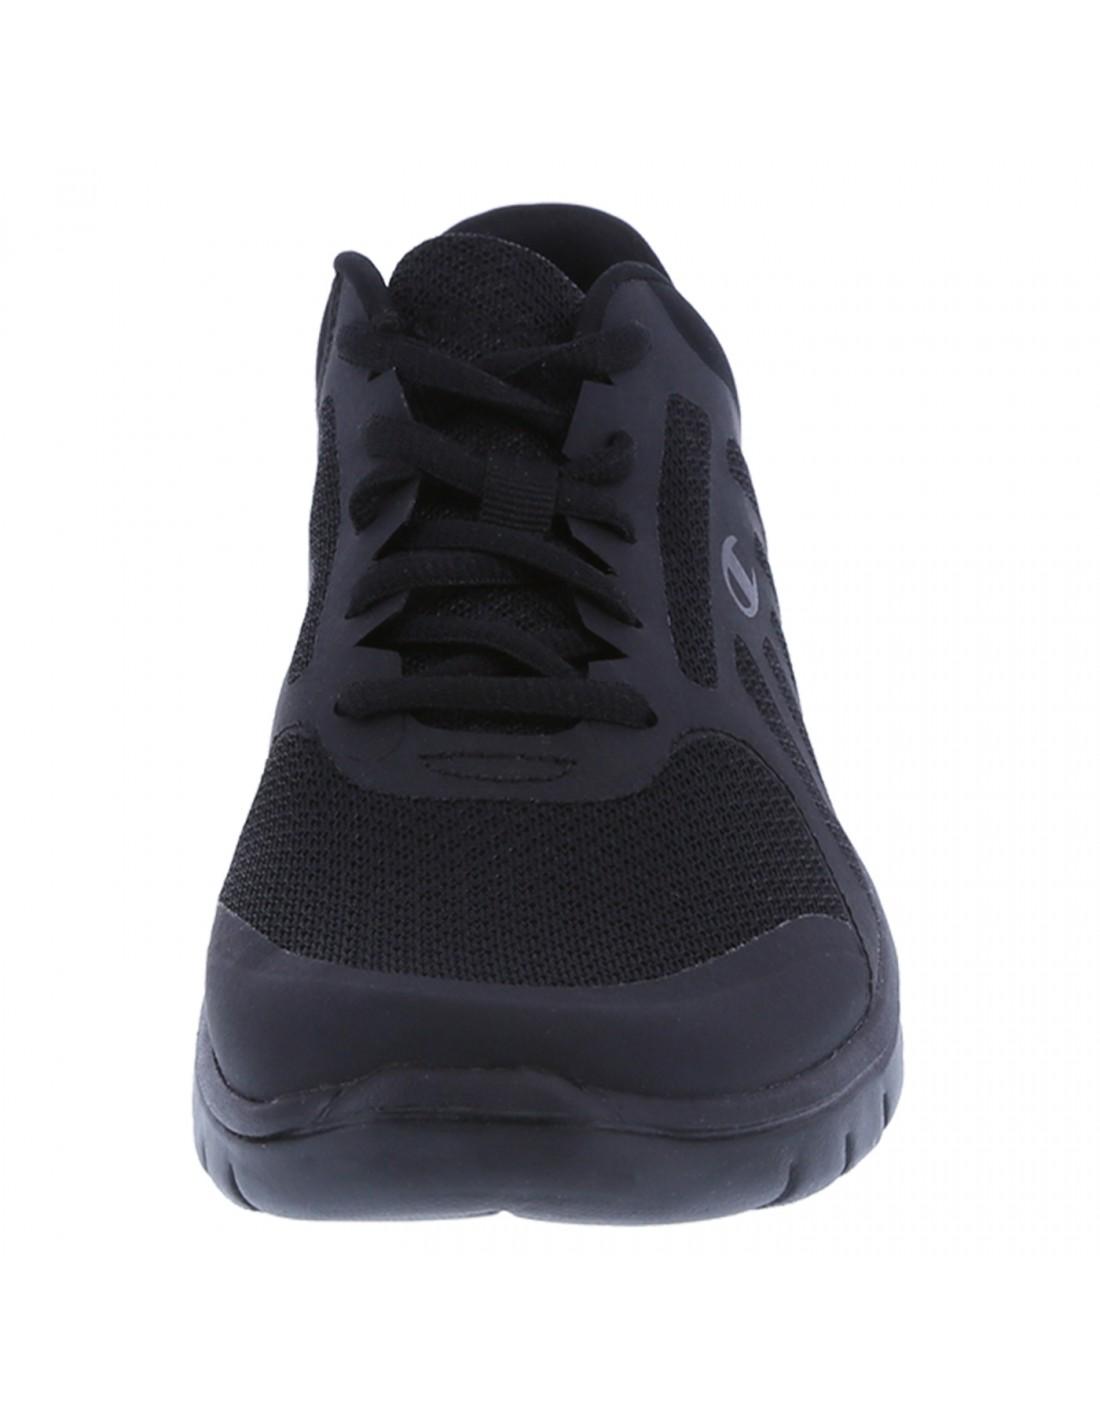 31797a95269 Women s Gusto Runner shoe - Black. Next